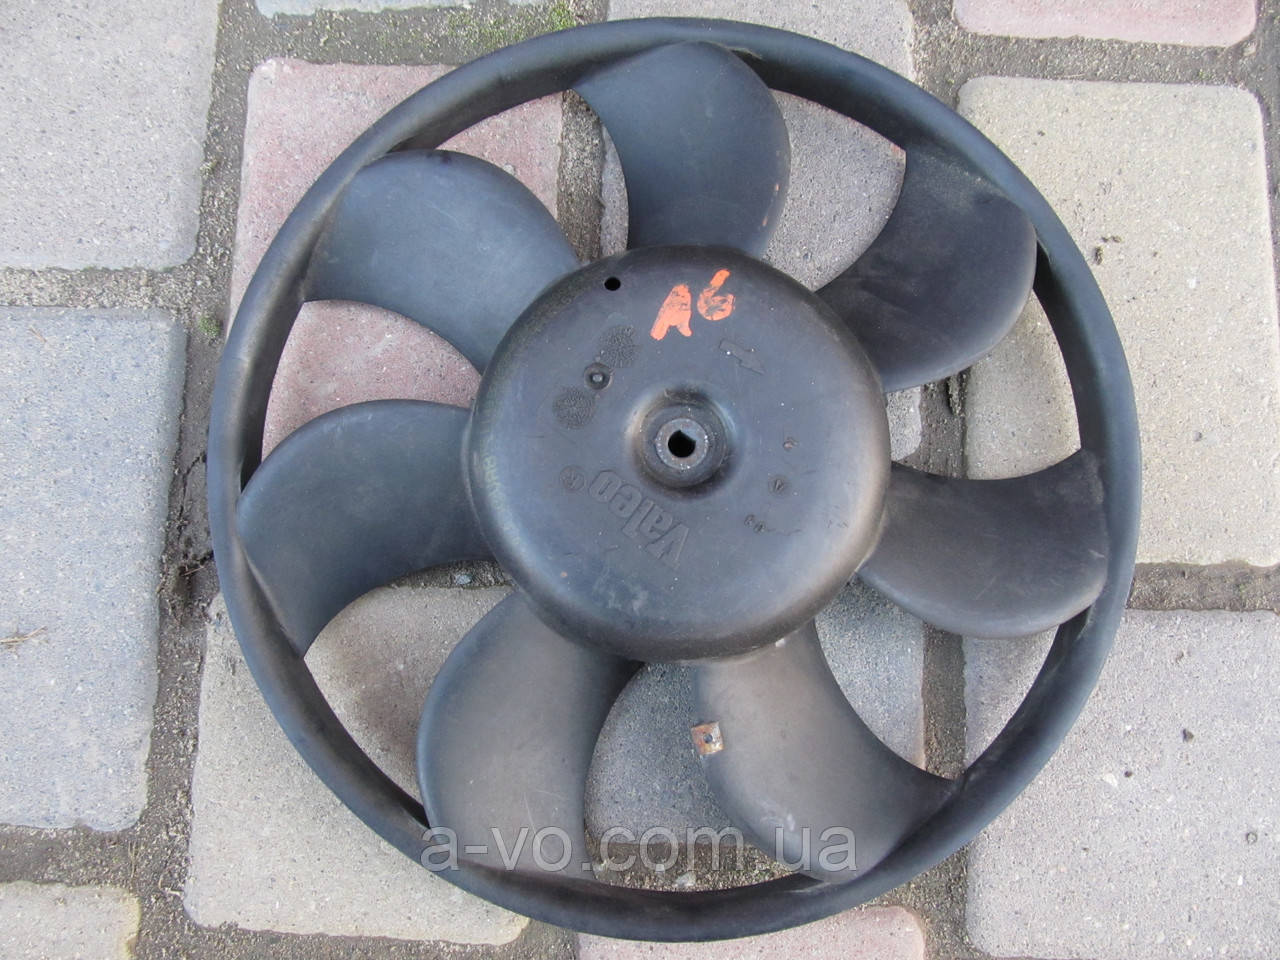 Крыльчатка вентилятора радиатора для VW Passat B5 Sharan Audi A6C5, 8D0959455CD